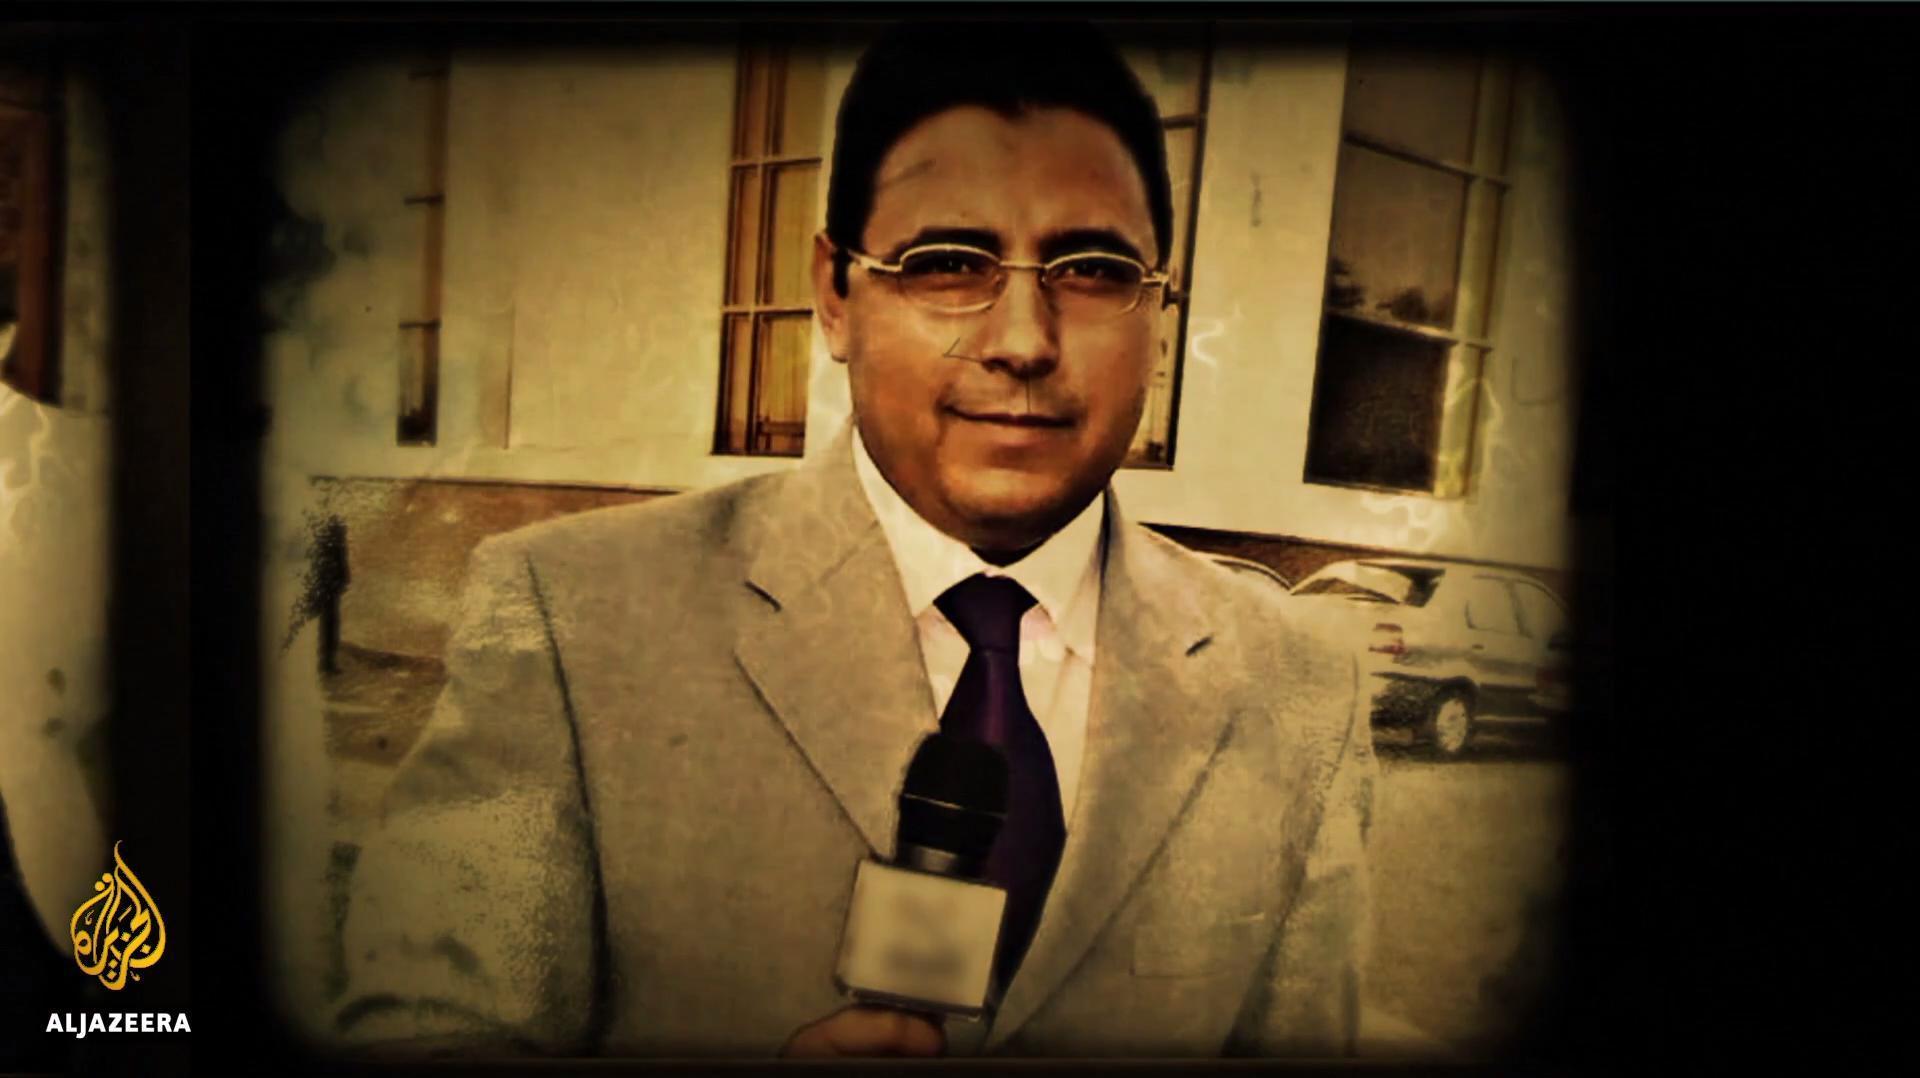 اول ظهور لمراسل الجزيرة محمود حسين